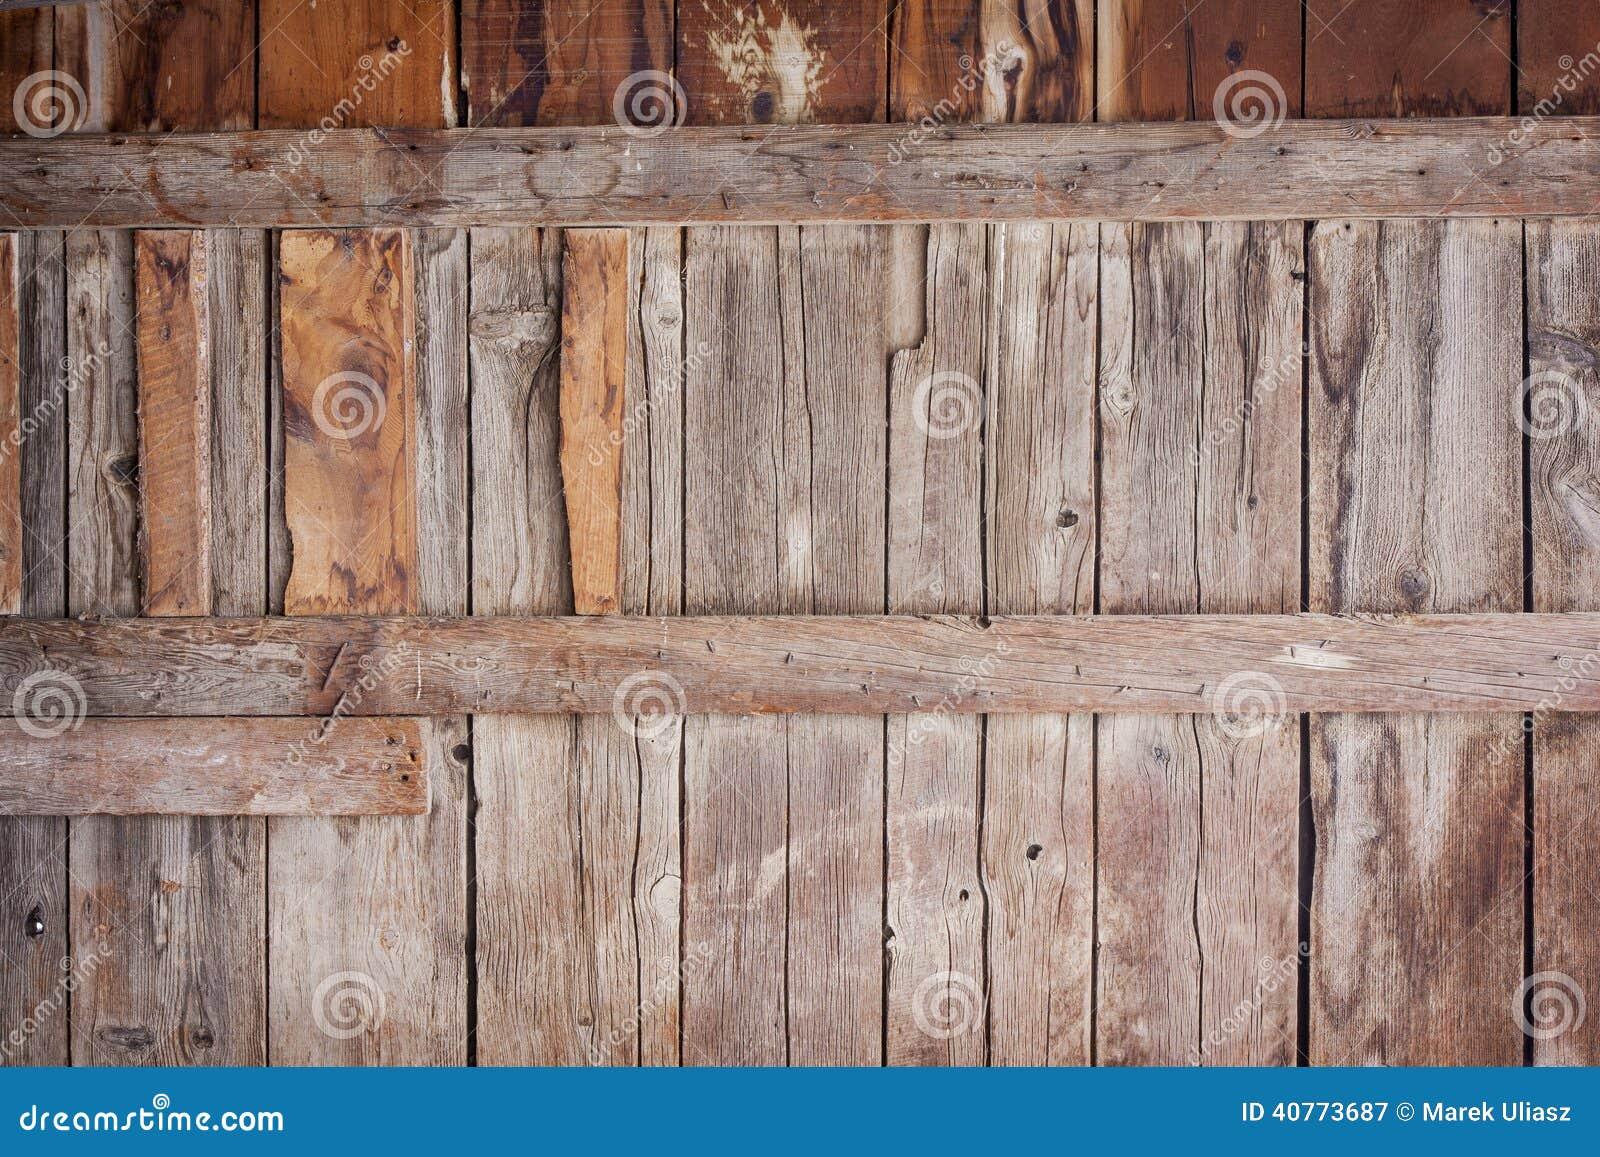 Old Barn Wood Background Stock Photo Image 40773687